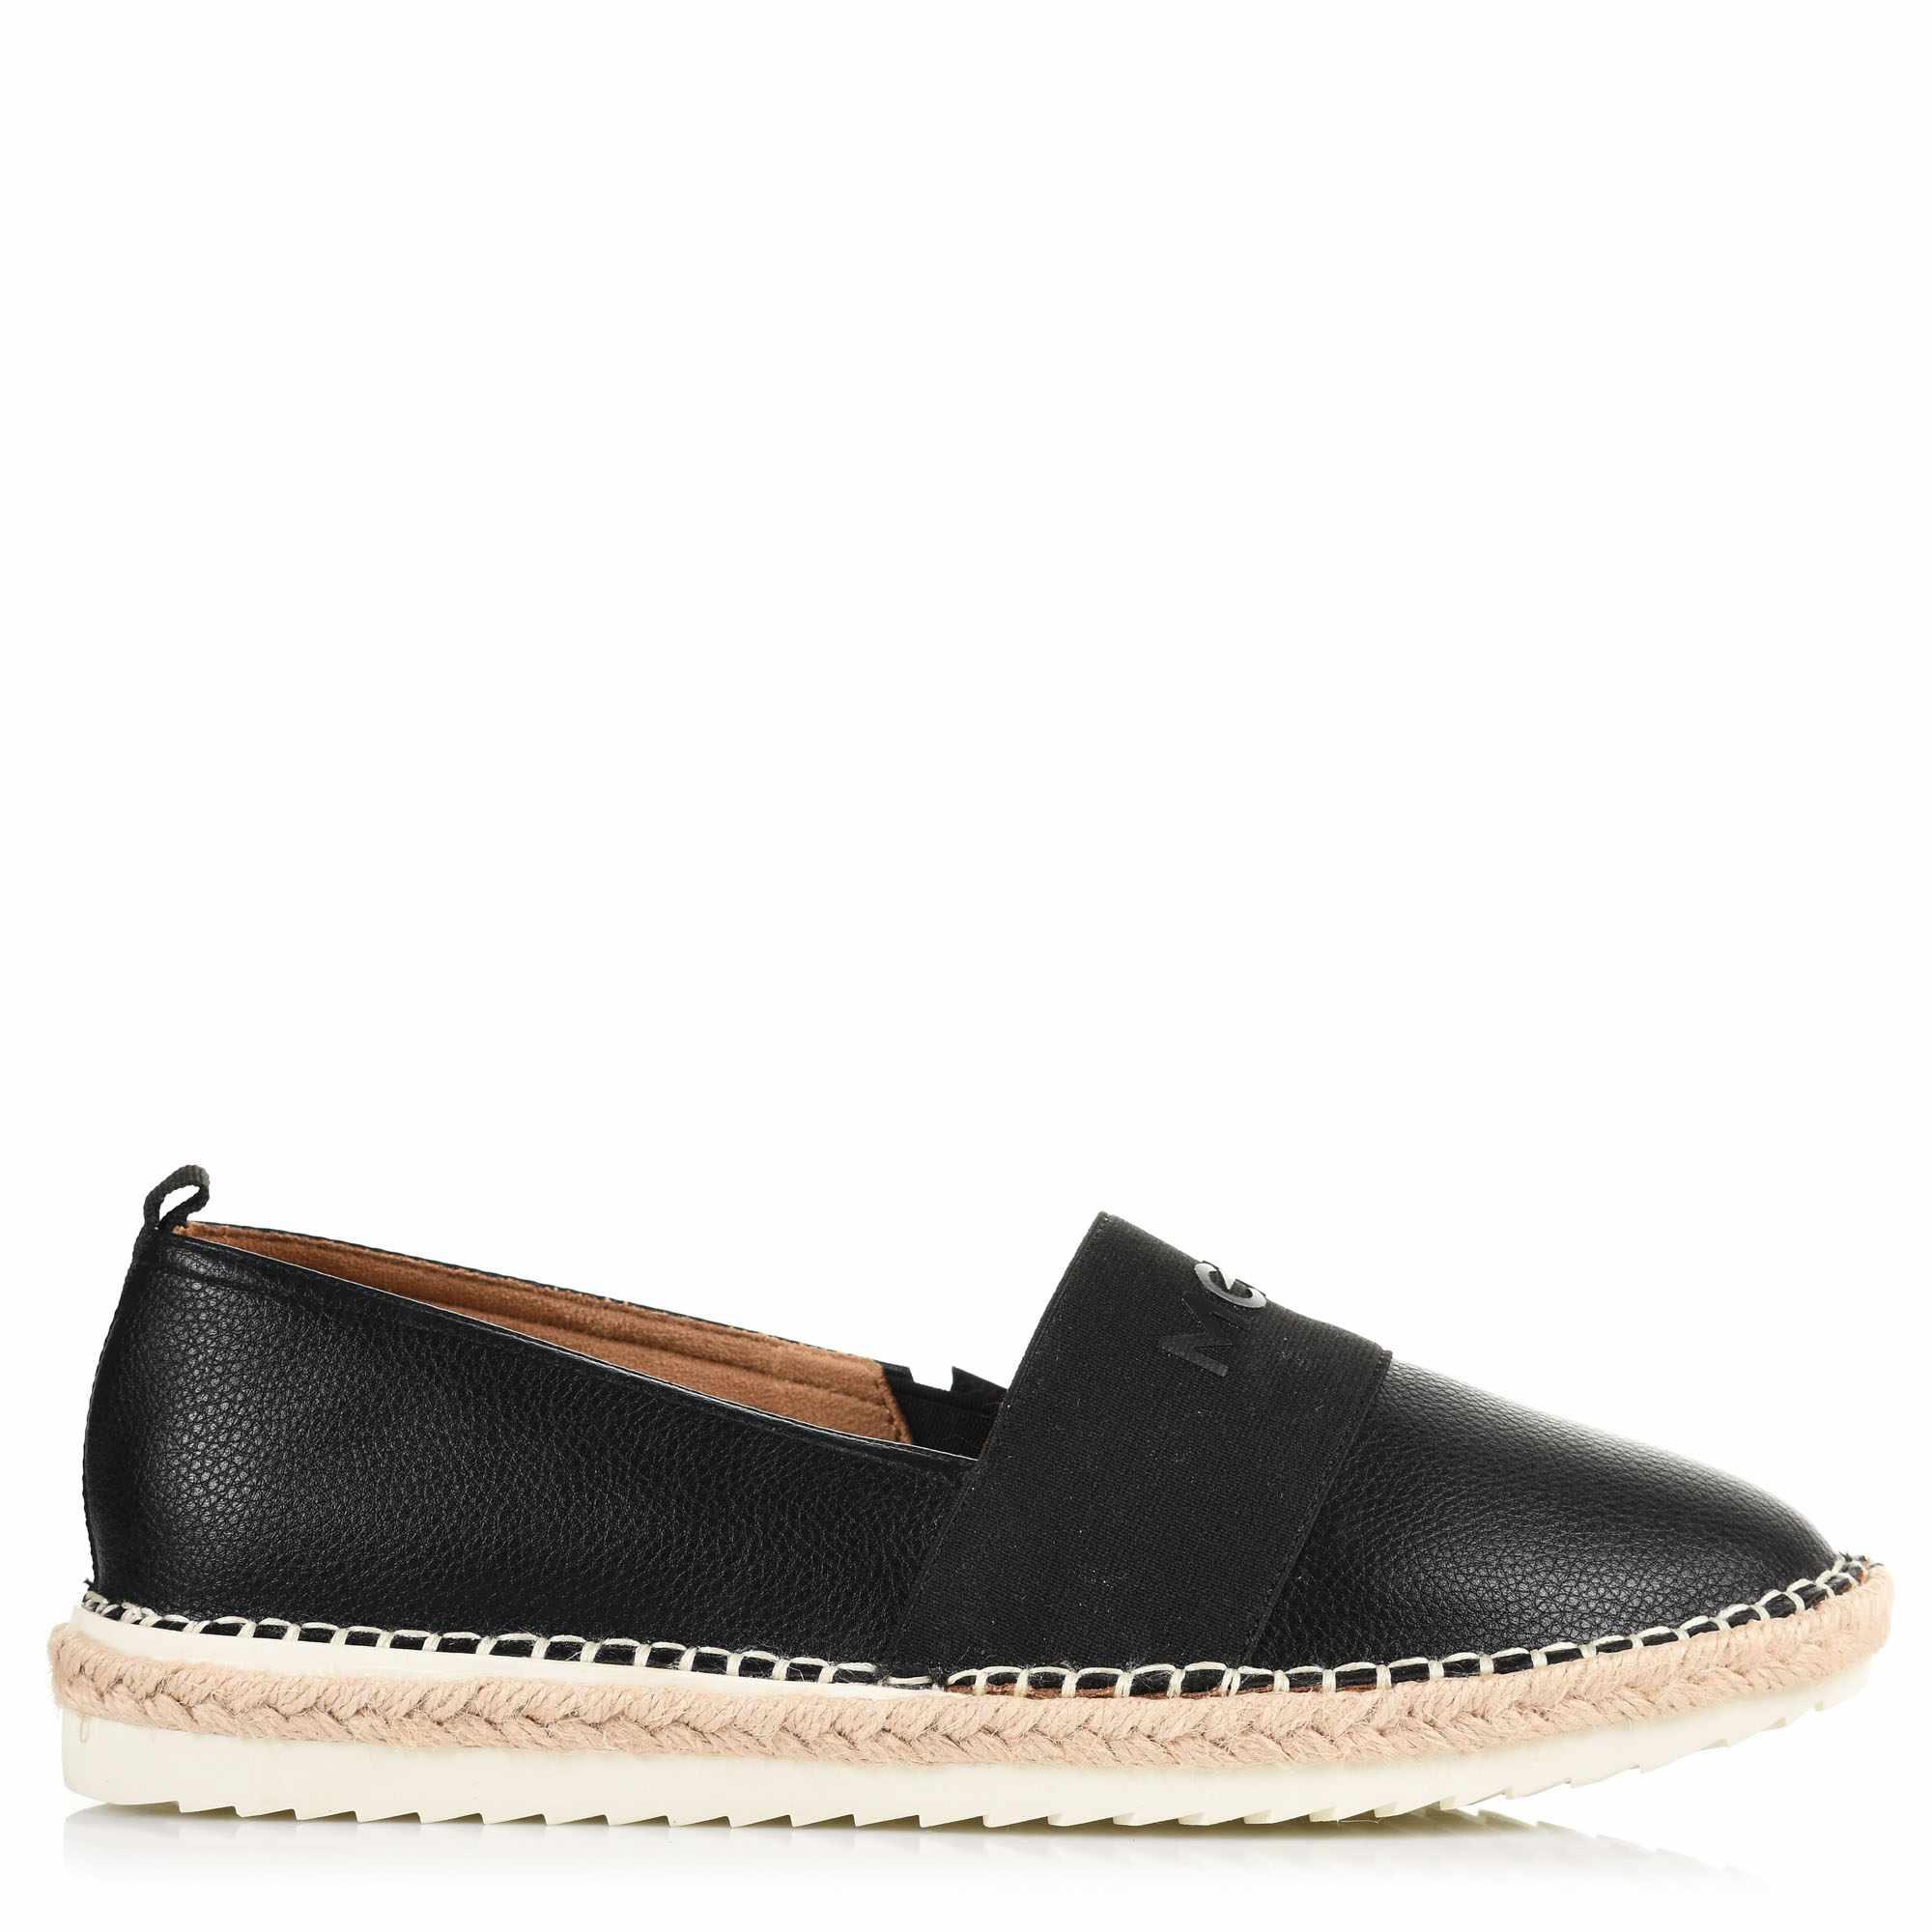 Εσπαντρίγιες Mexx Canela MXCZ0088 γυναικα   γυναικείο παπούτσι